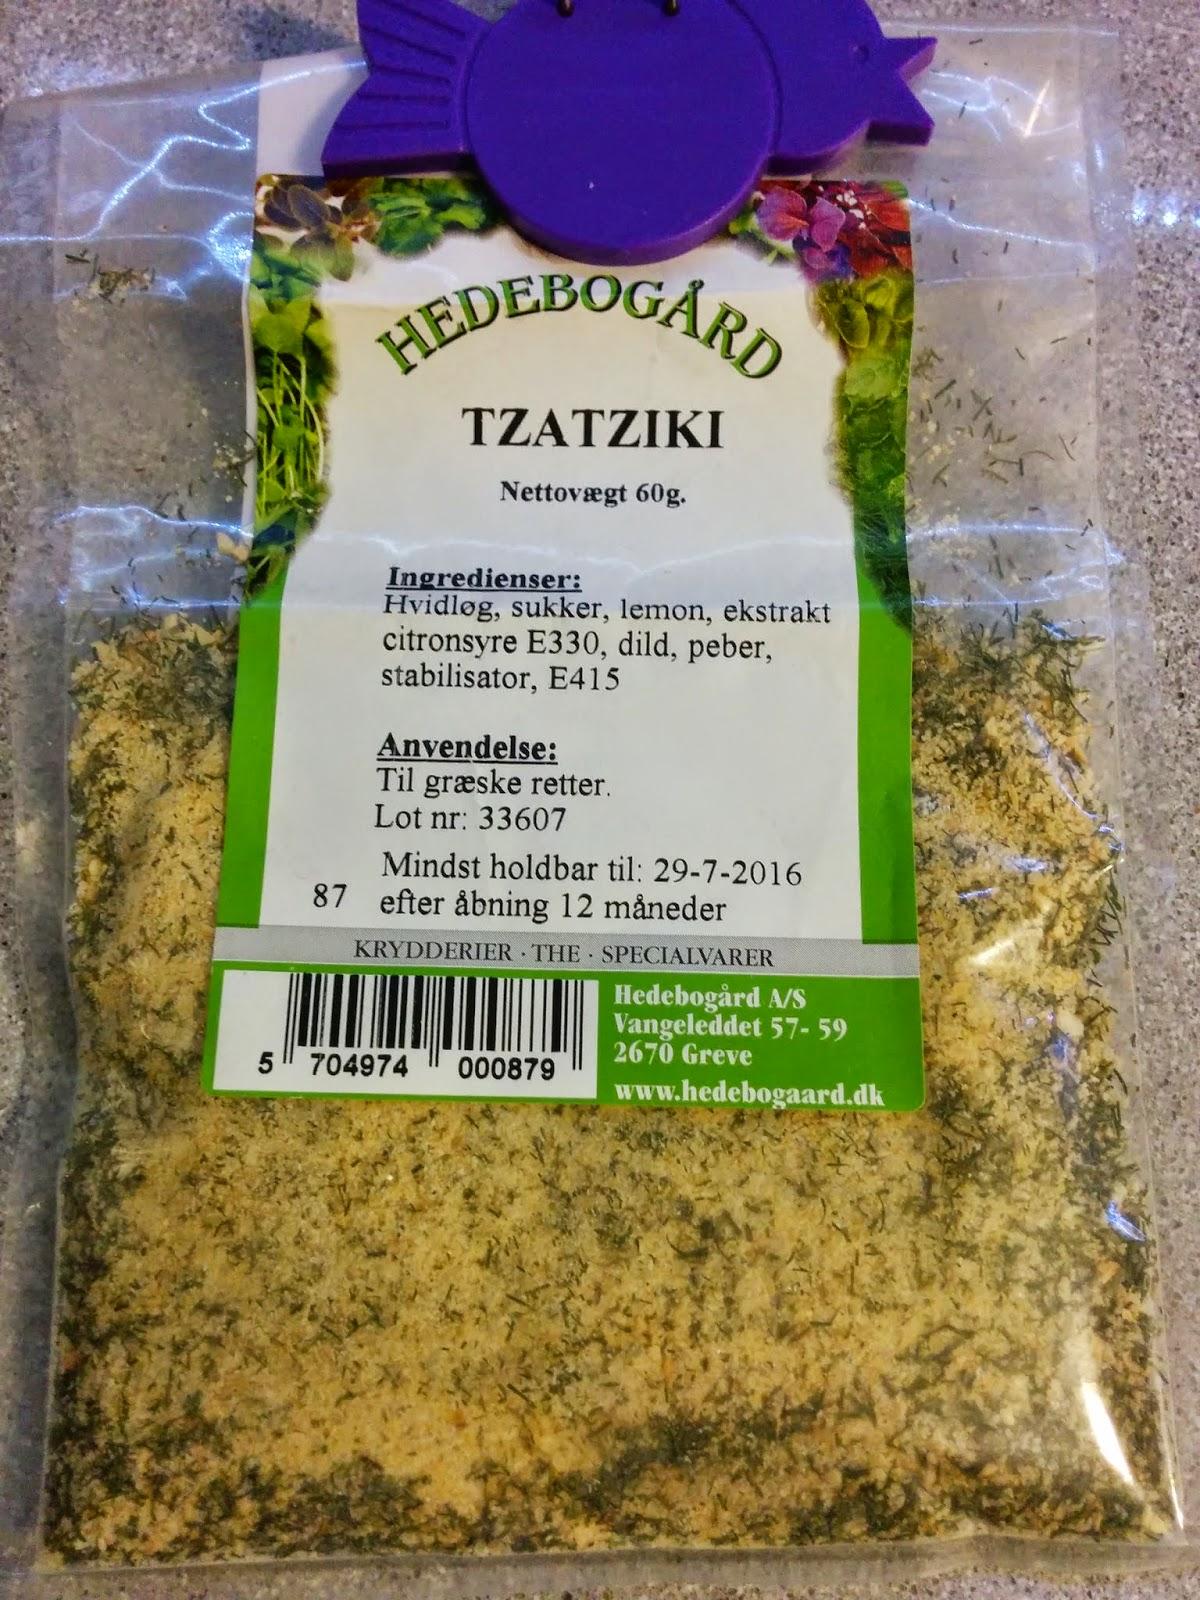 Mi cuaderno de viajero COCINA: Como preparar el TZATZIKI de Tiger